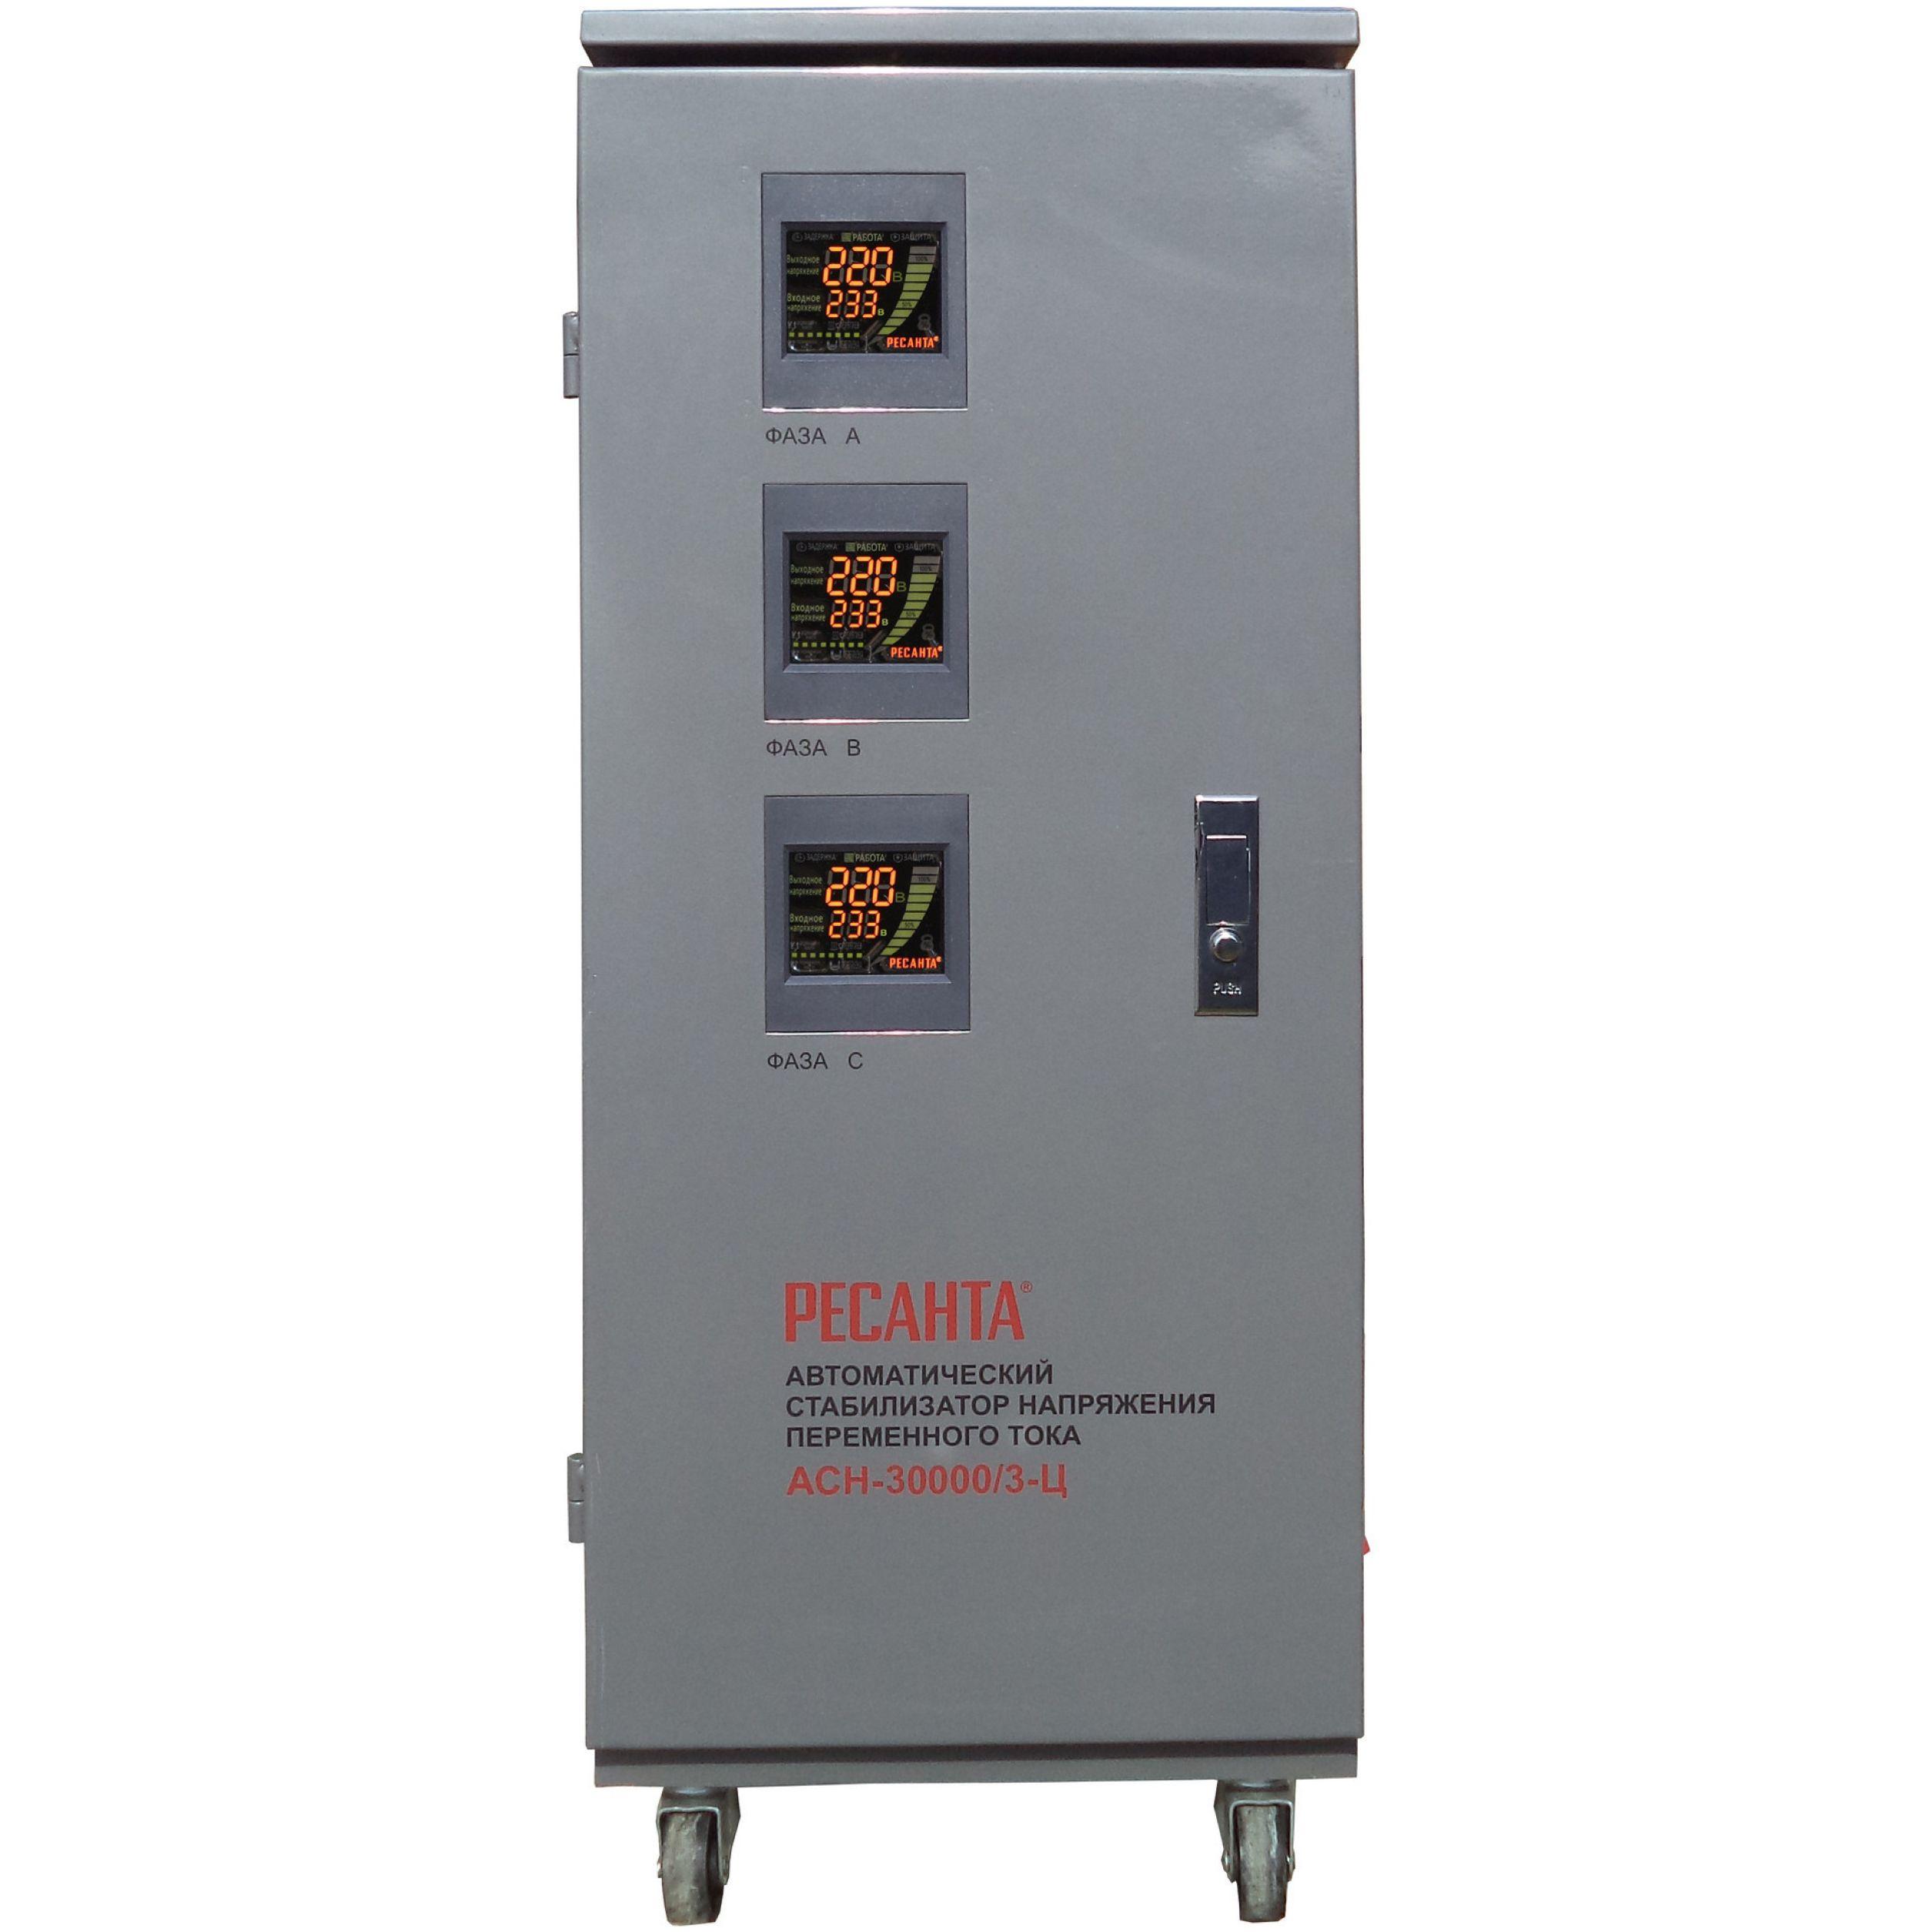 Трехфазный электронный стабилизатор Ресанта АСН-30000/3-Ц